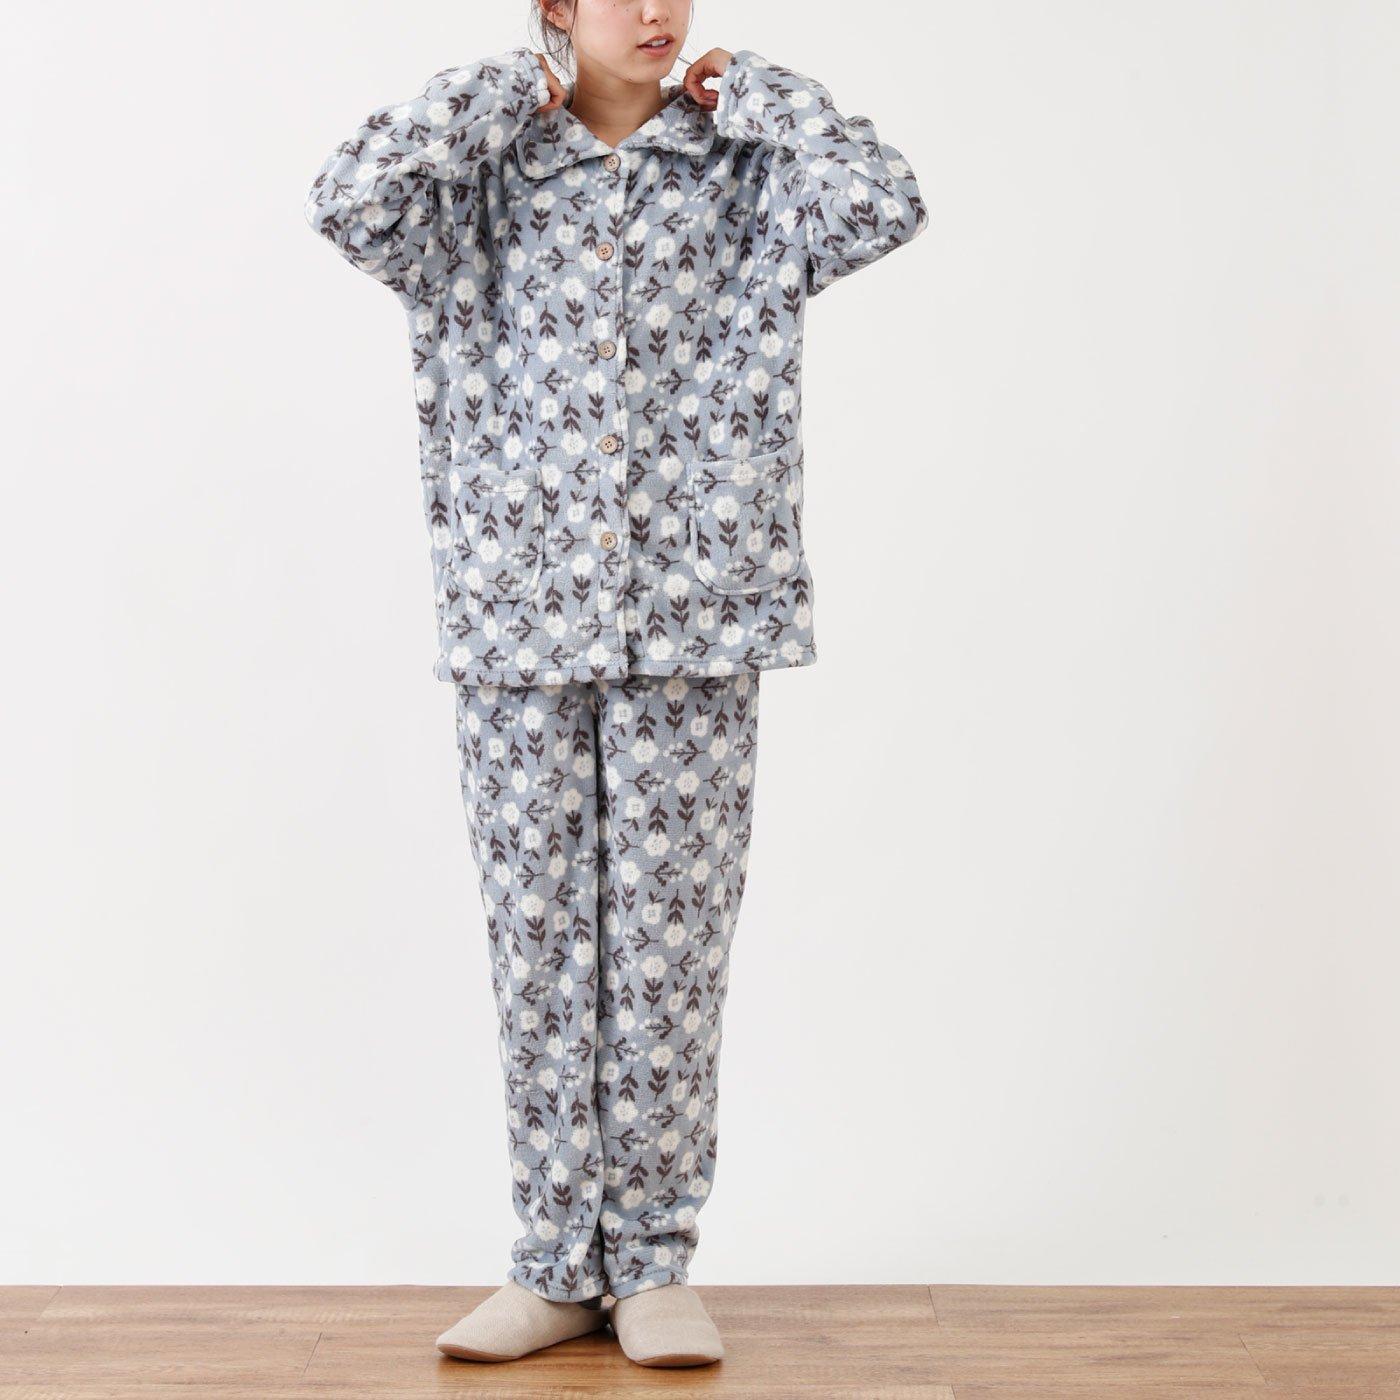 ふんわりあったか 花柄パジャマ